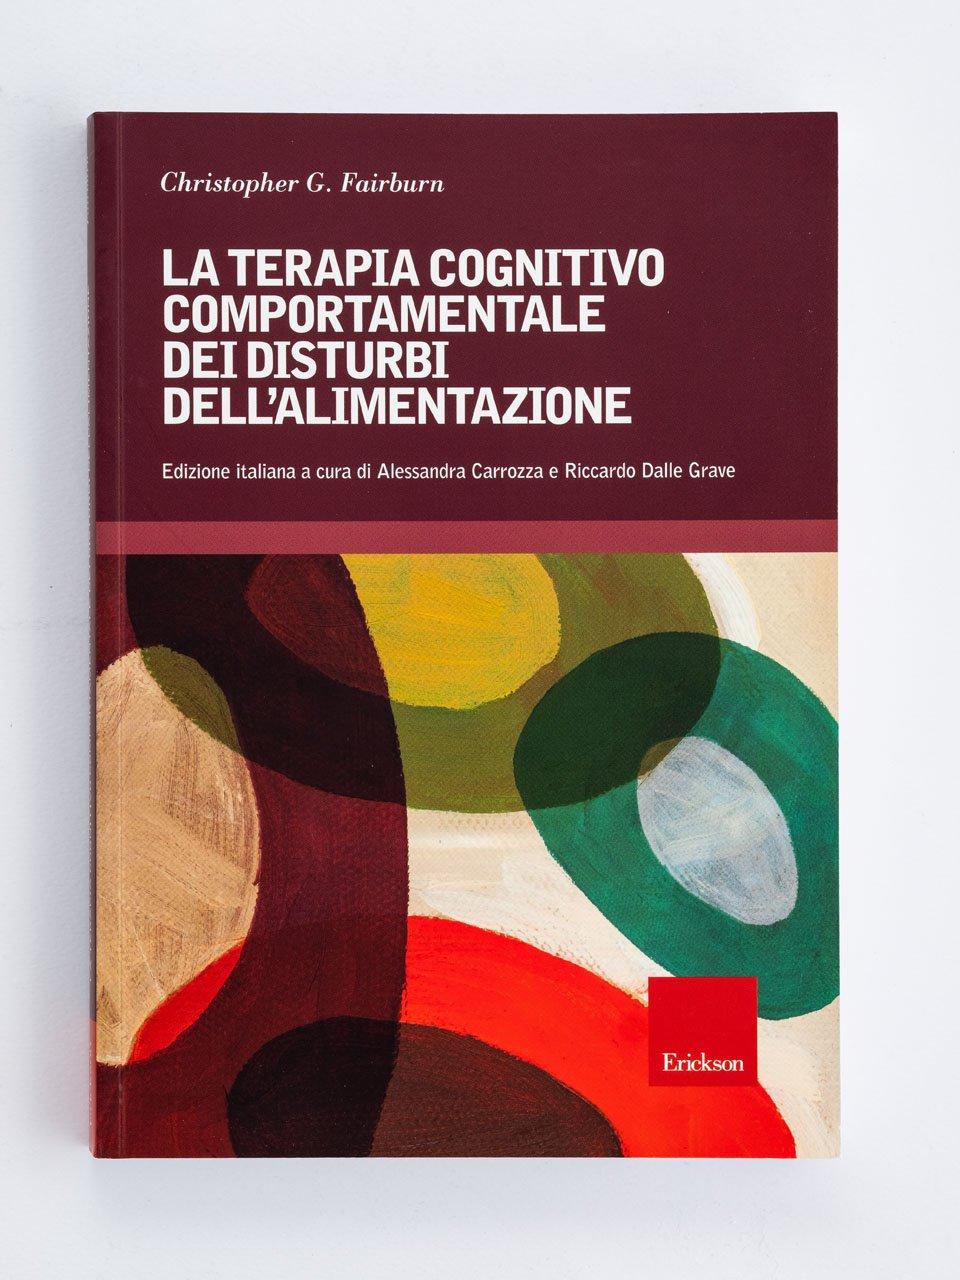 La terapia cognitivo-comportamentale dei disturbi  - Libri - Erickson